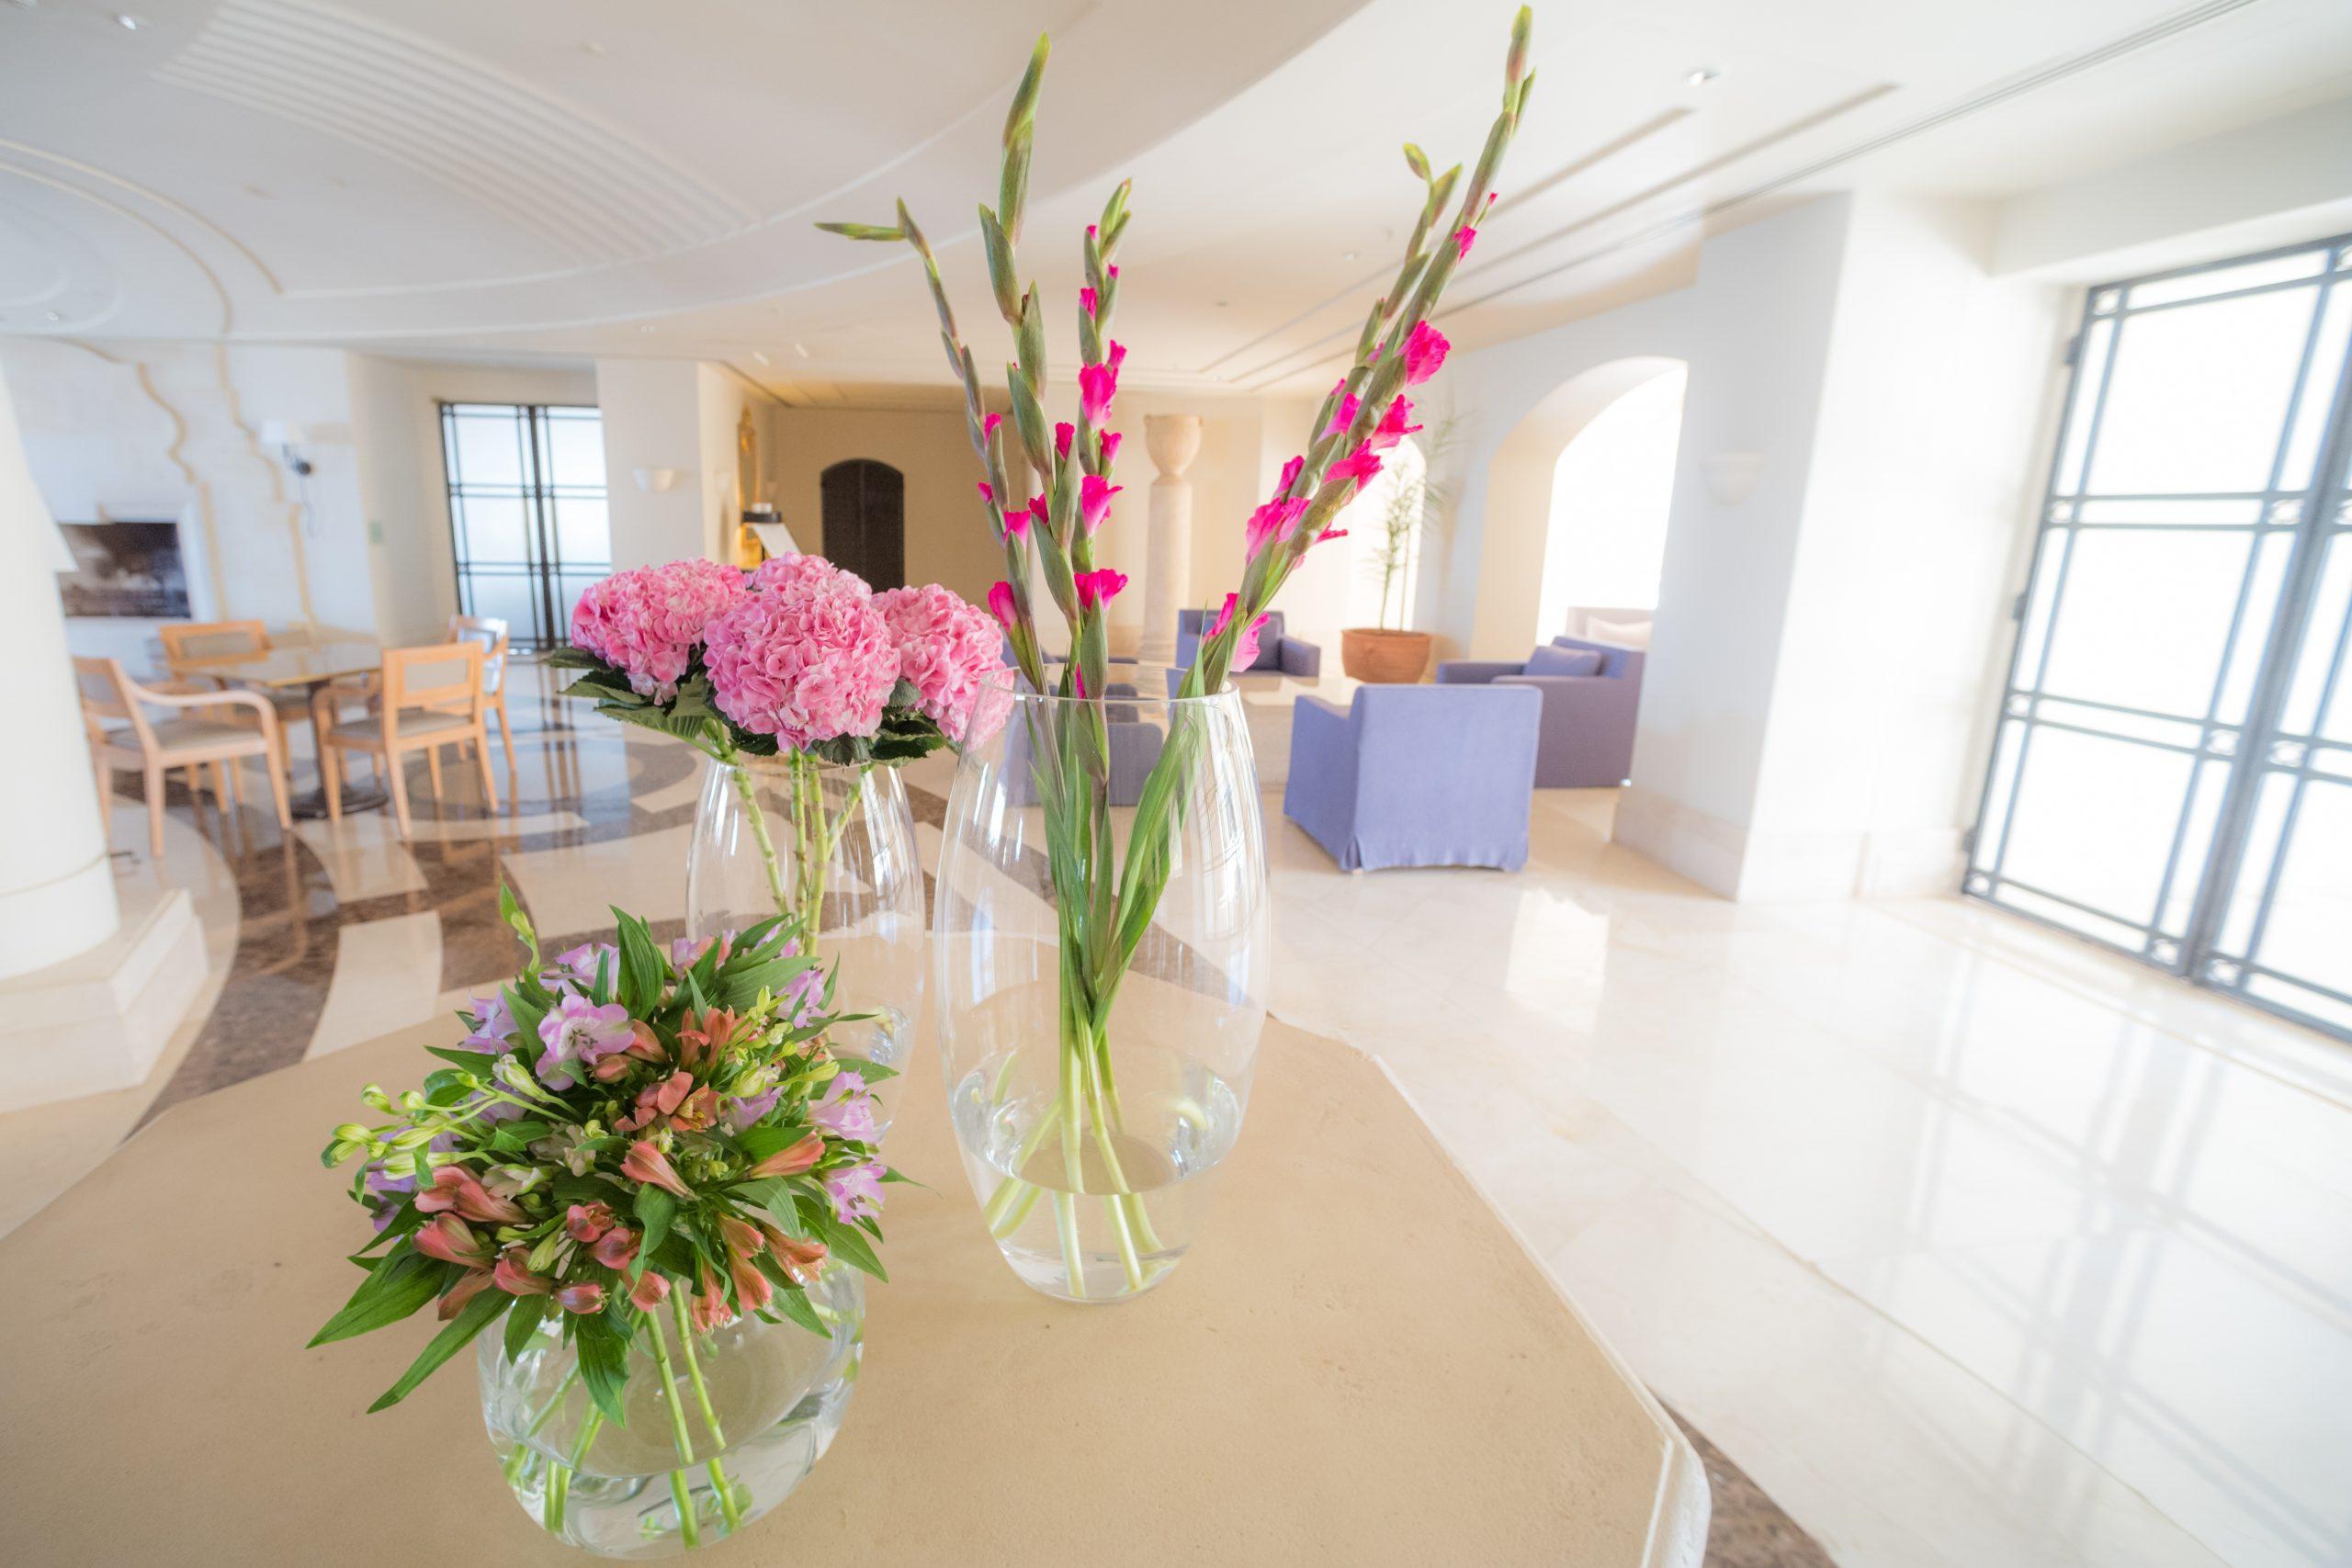 7 топ тенденции за декорация и вътрешен интериор на дома през 2020-та година